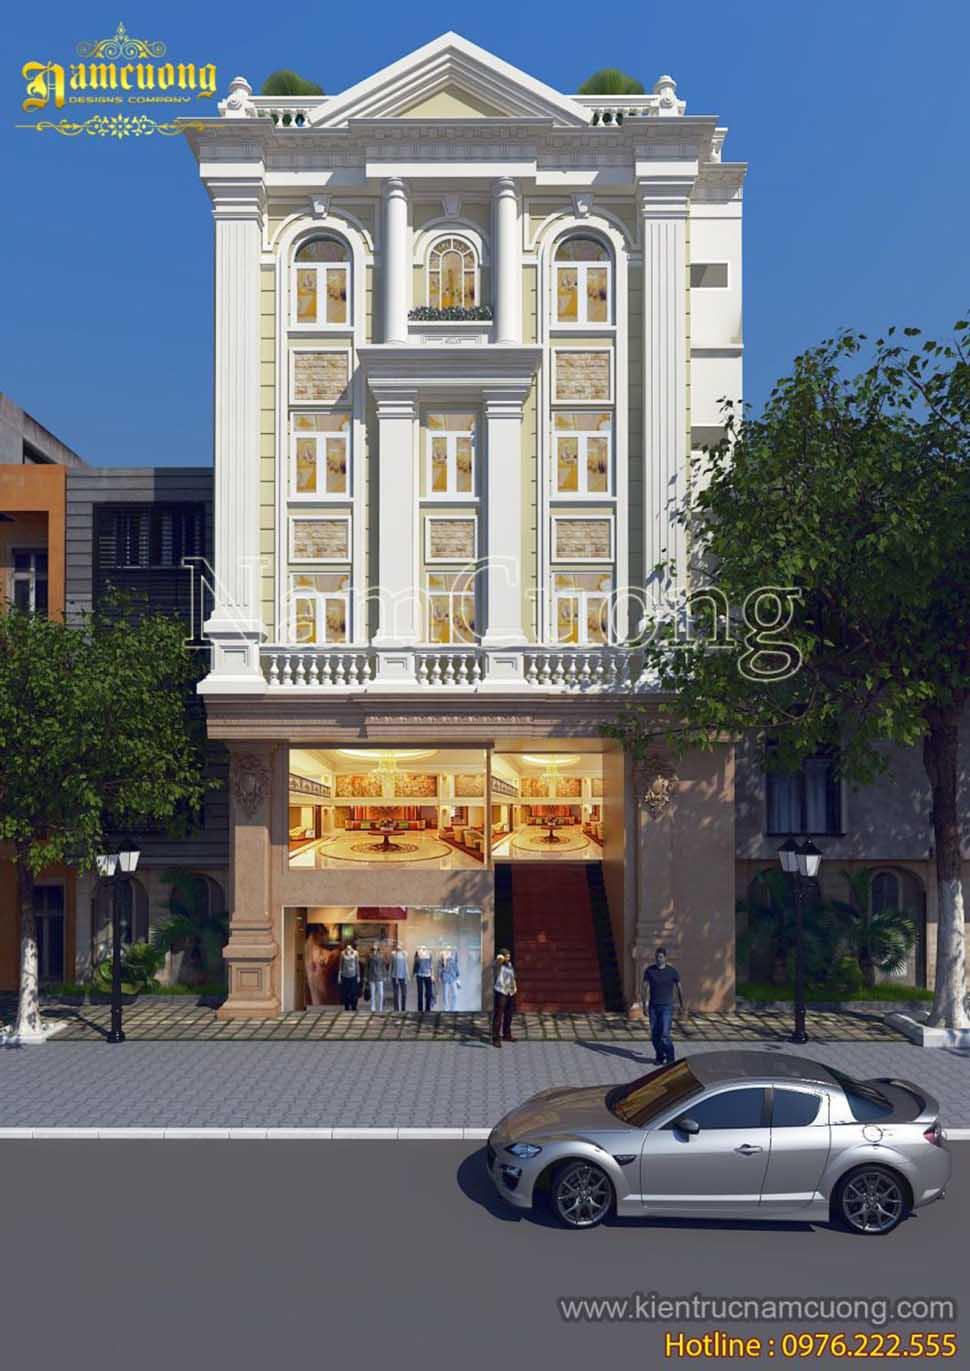 Mẫu thiết kế khách sạn kiến trúc tân cổ điển ấn tượng tại Cát Bà - Hải Phòng - KSCD 009